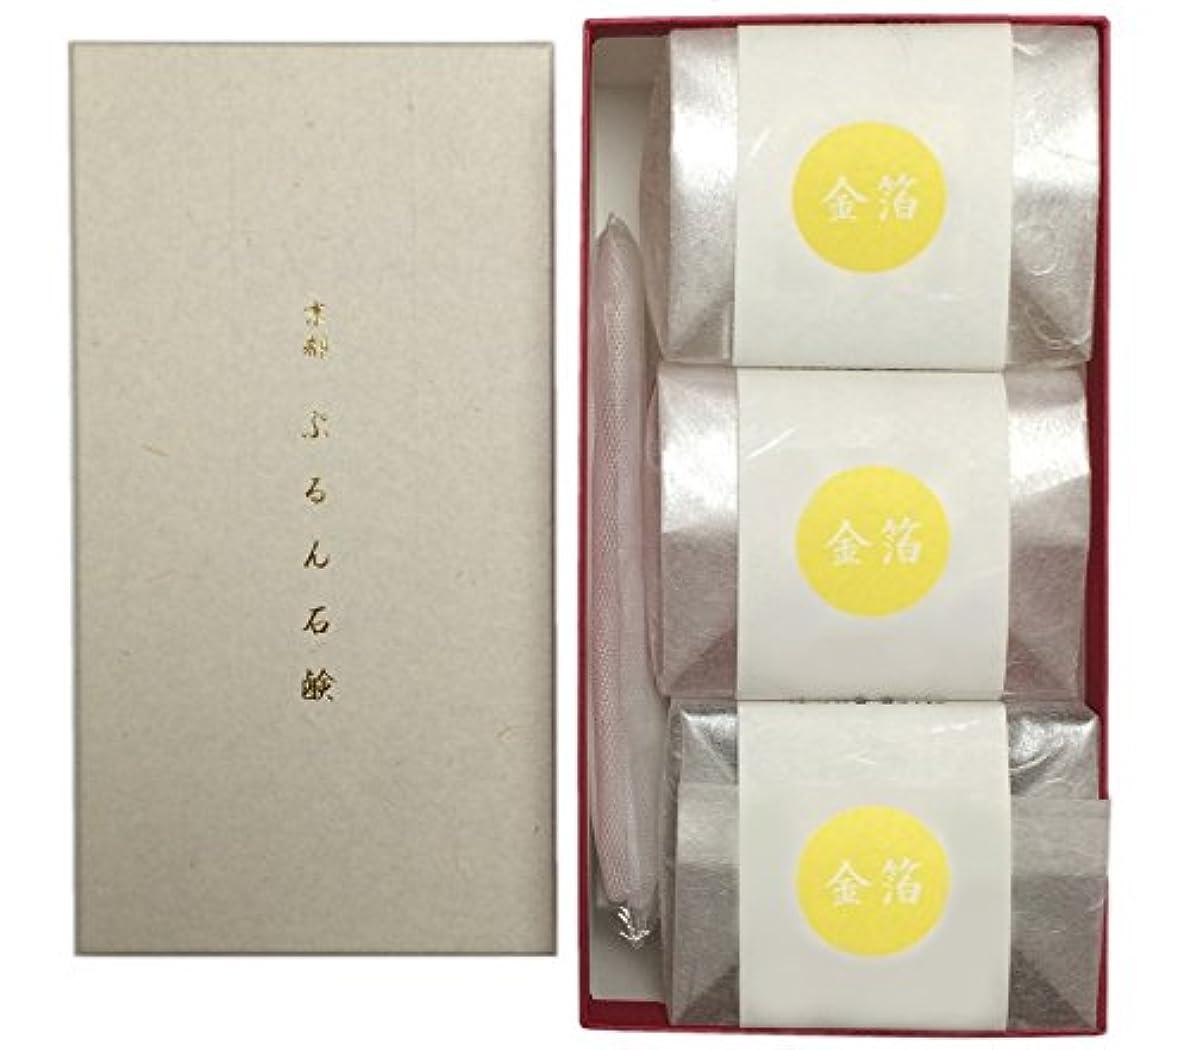 同盟松トランク京都 ぷるん石鹸 ピュアソープ ヒアルロン酸 コラーゲン ギフトボックス 金箔3個セット